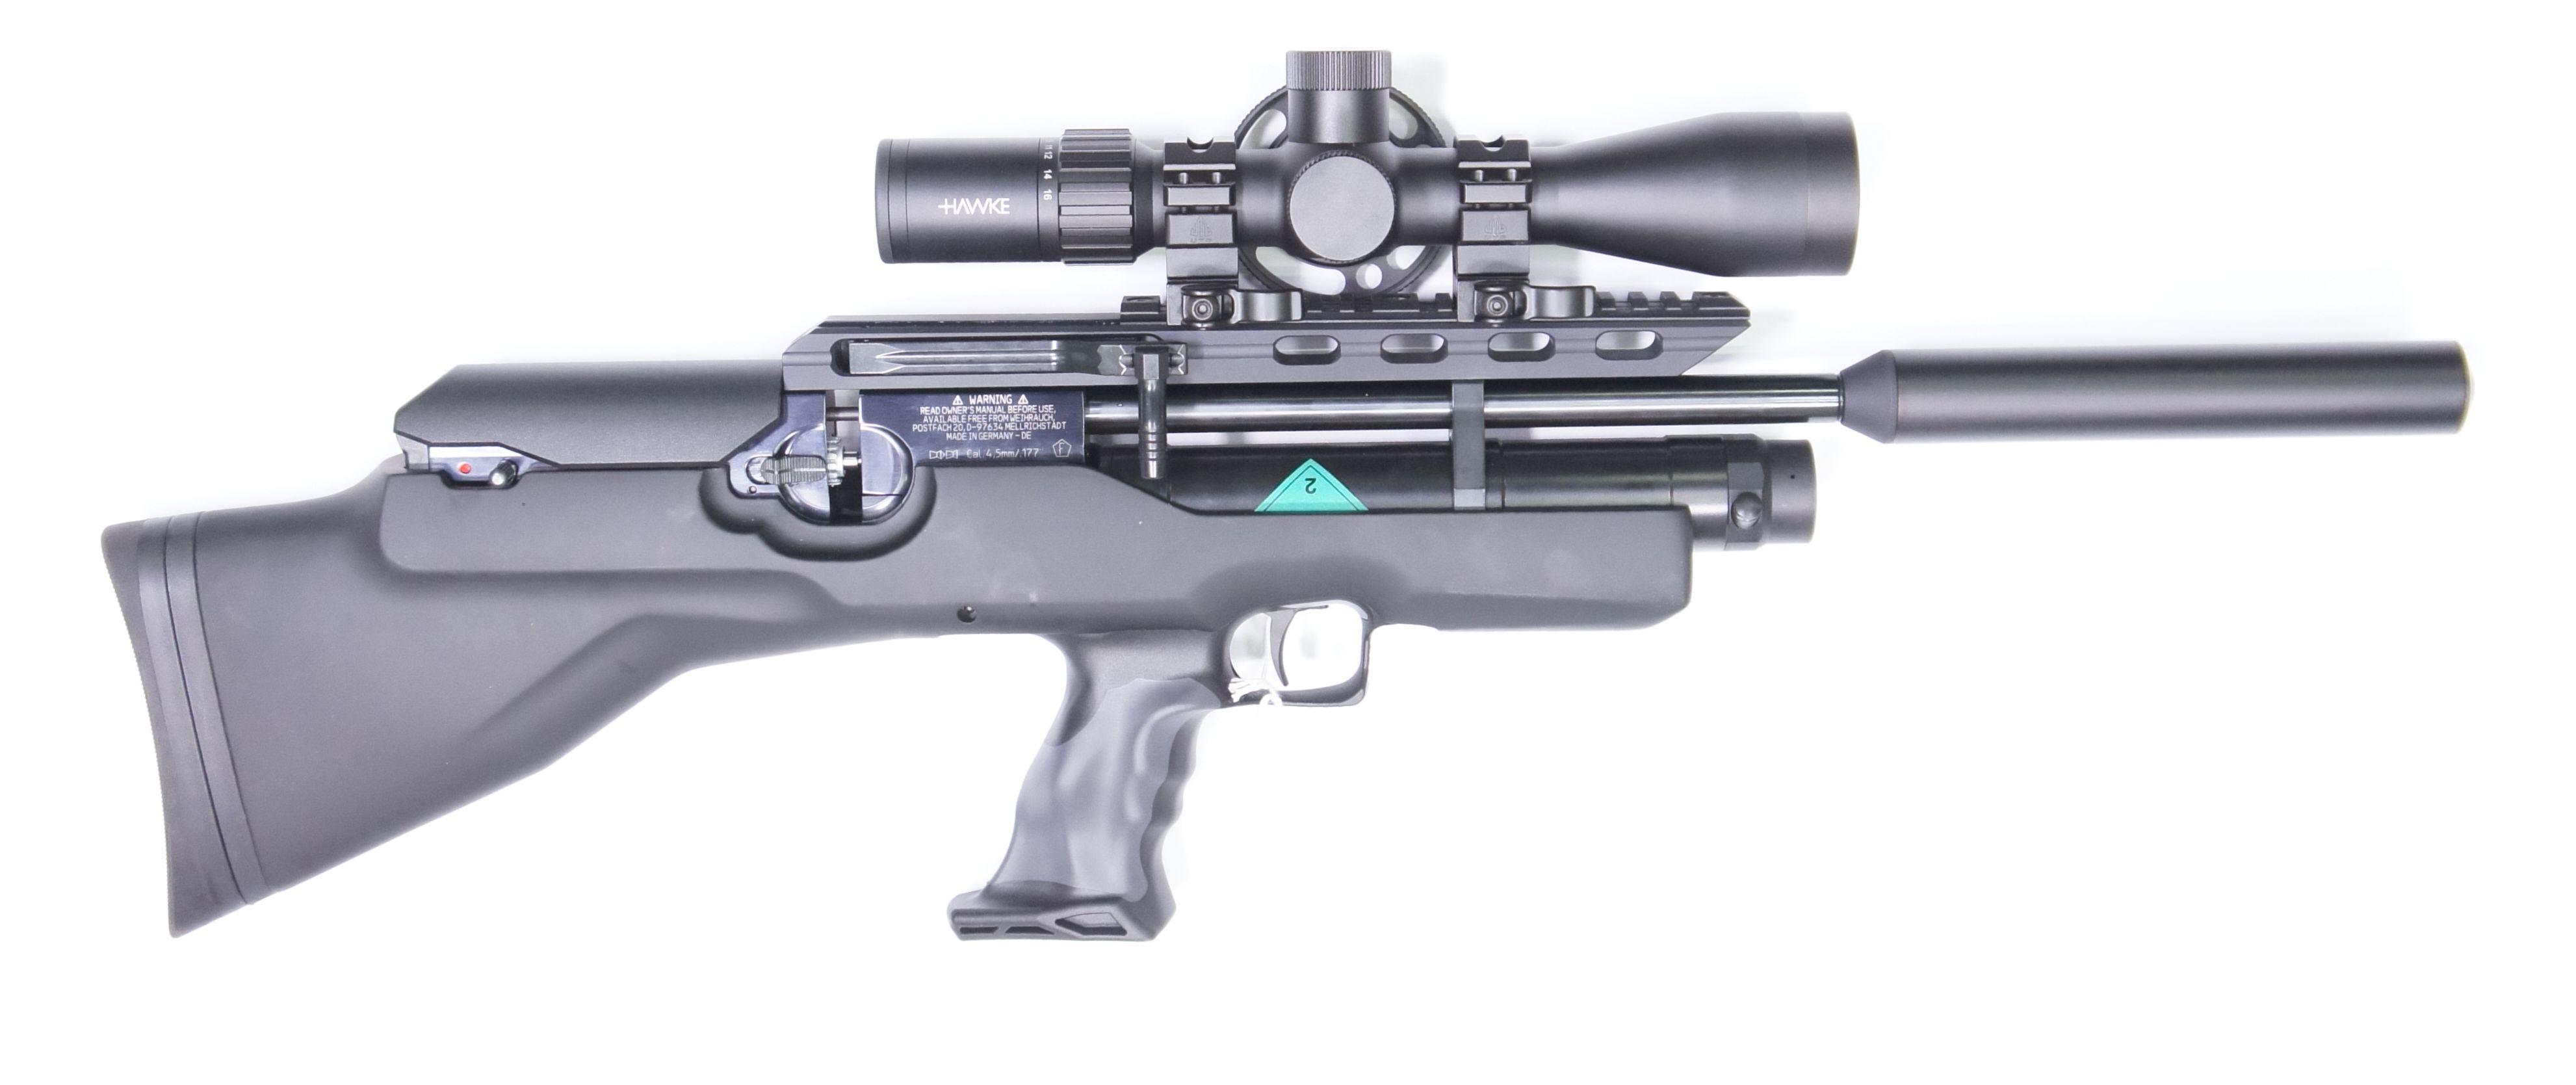 Montagebeispiel mit Zielfernrohr Hawke AIRMAX 30 SF Compact Modell 4-16x44 und Schnellspann- Montageringen